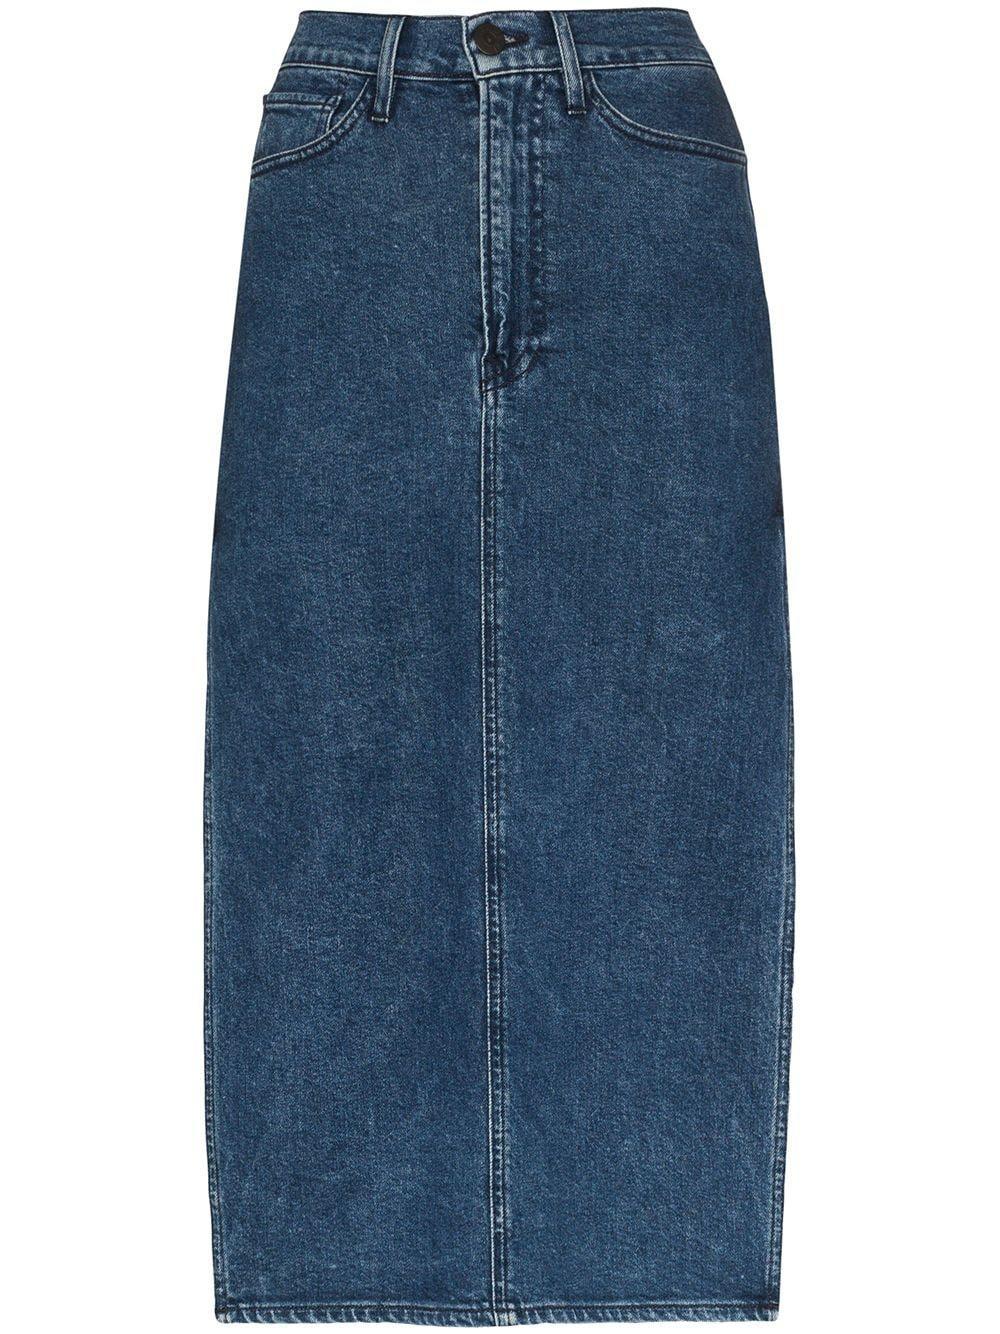 3x1 джинсовая юбка миди Cami с боковым разрезом